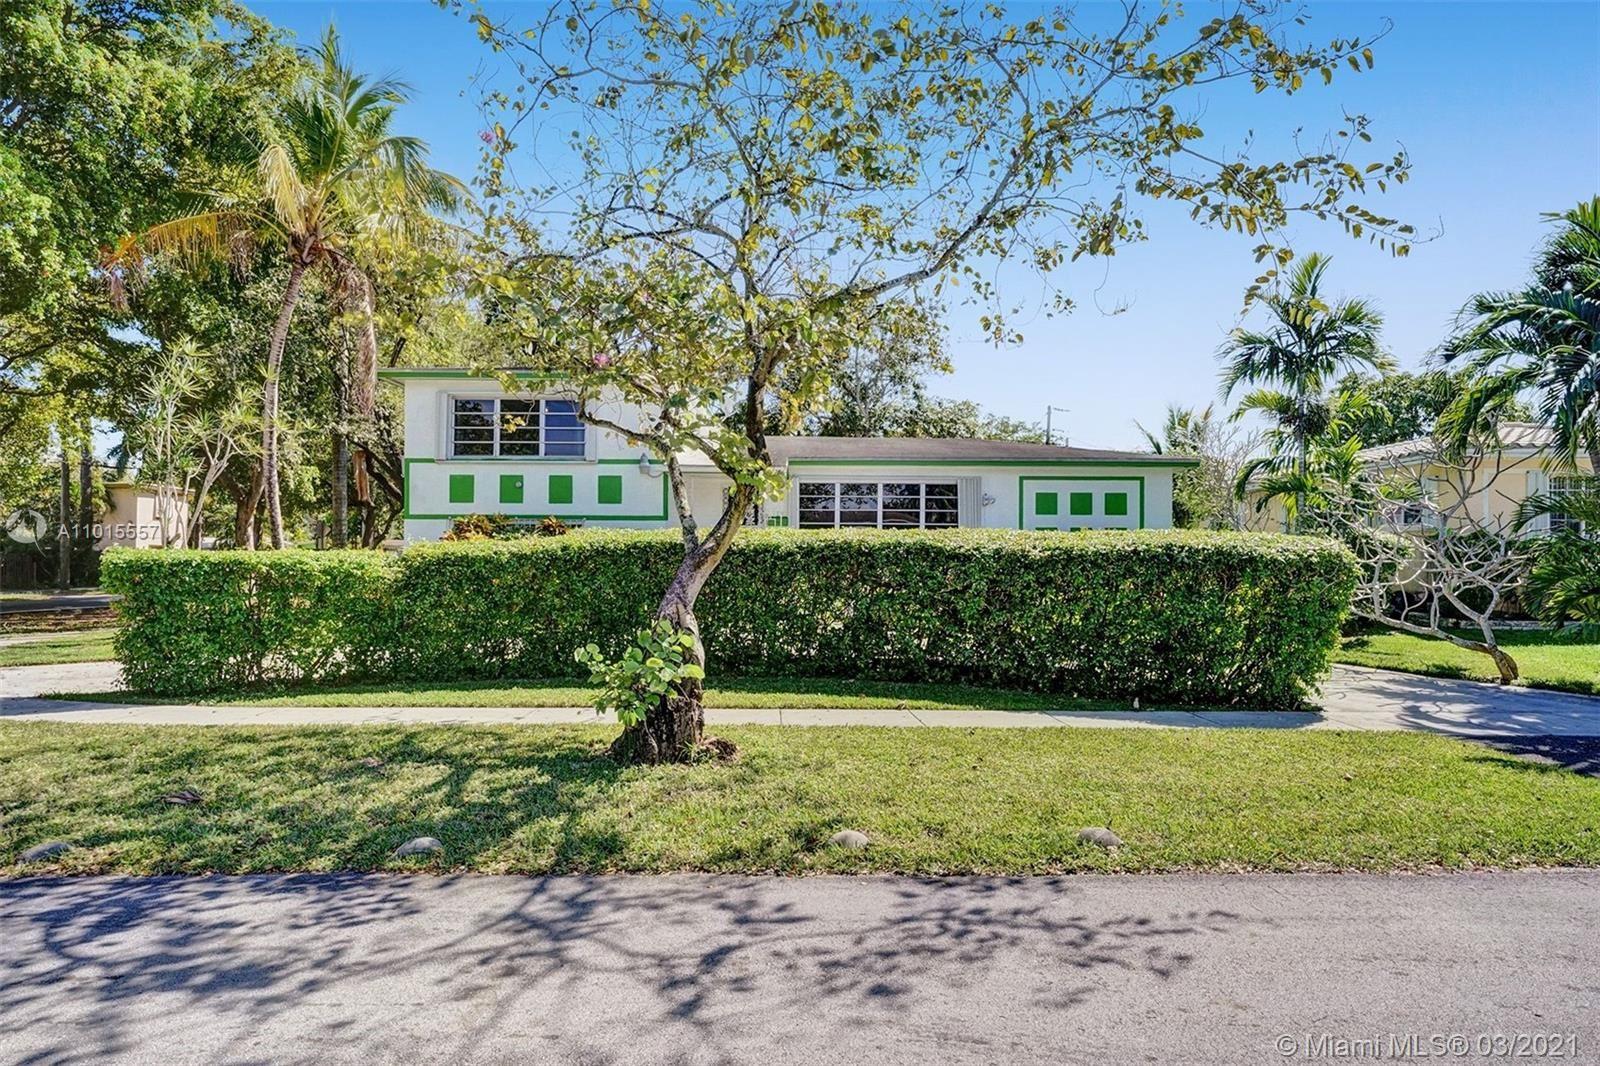 192 NE 124th St, North Miami, FL 33161 - #: A11015557